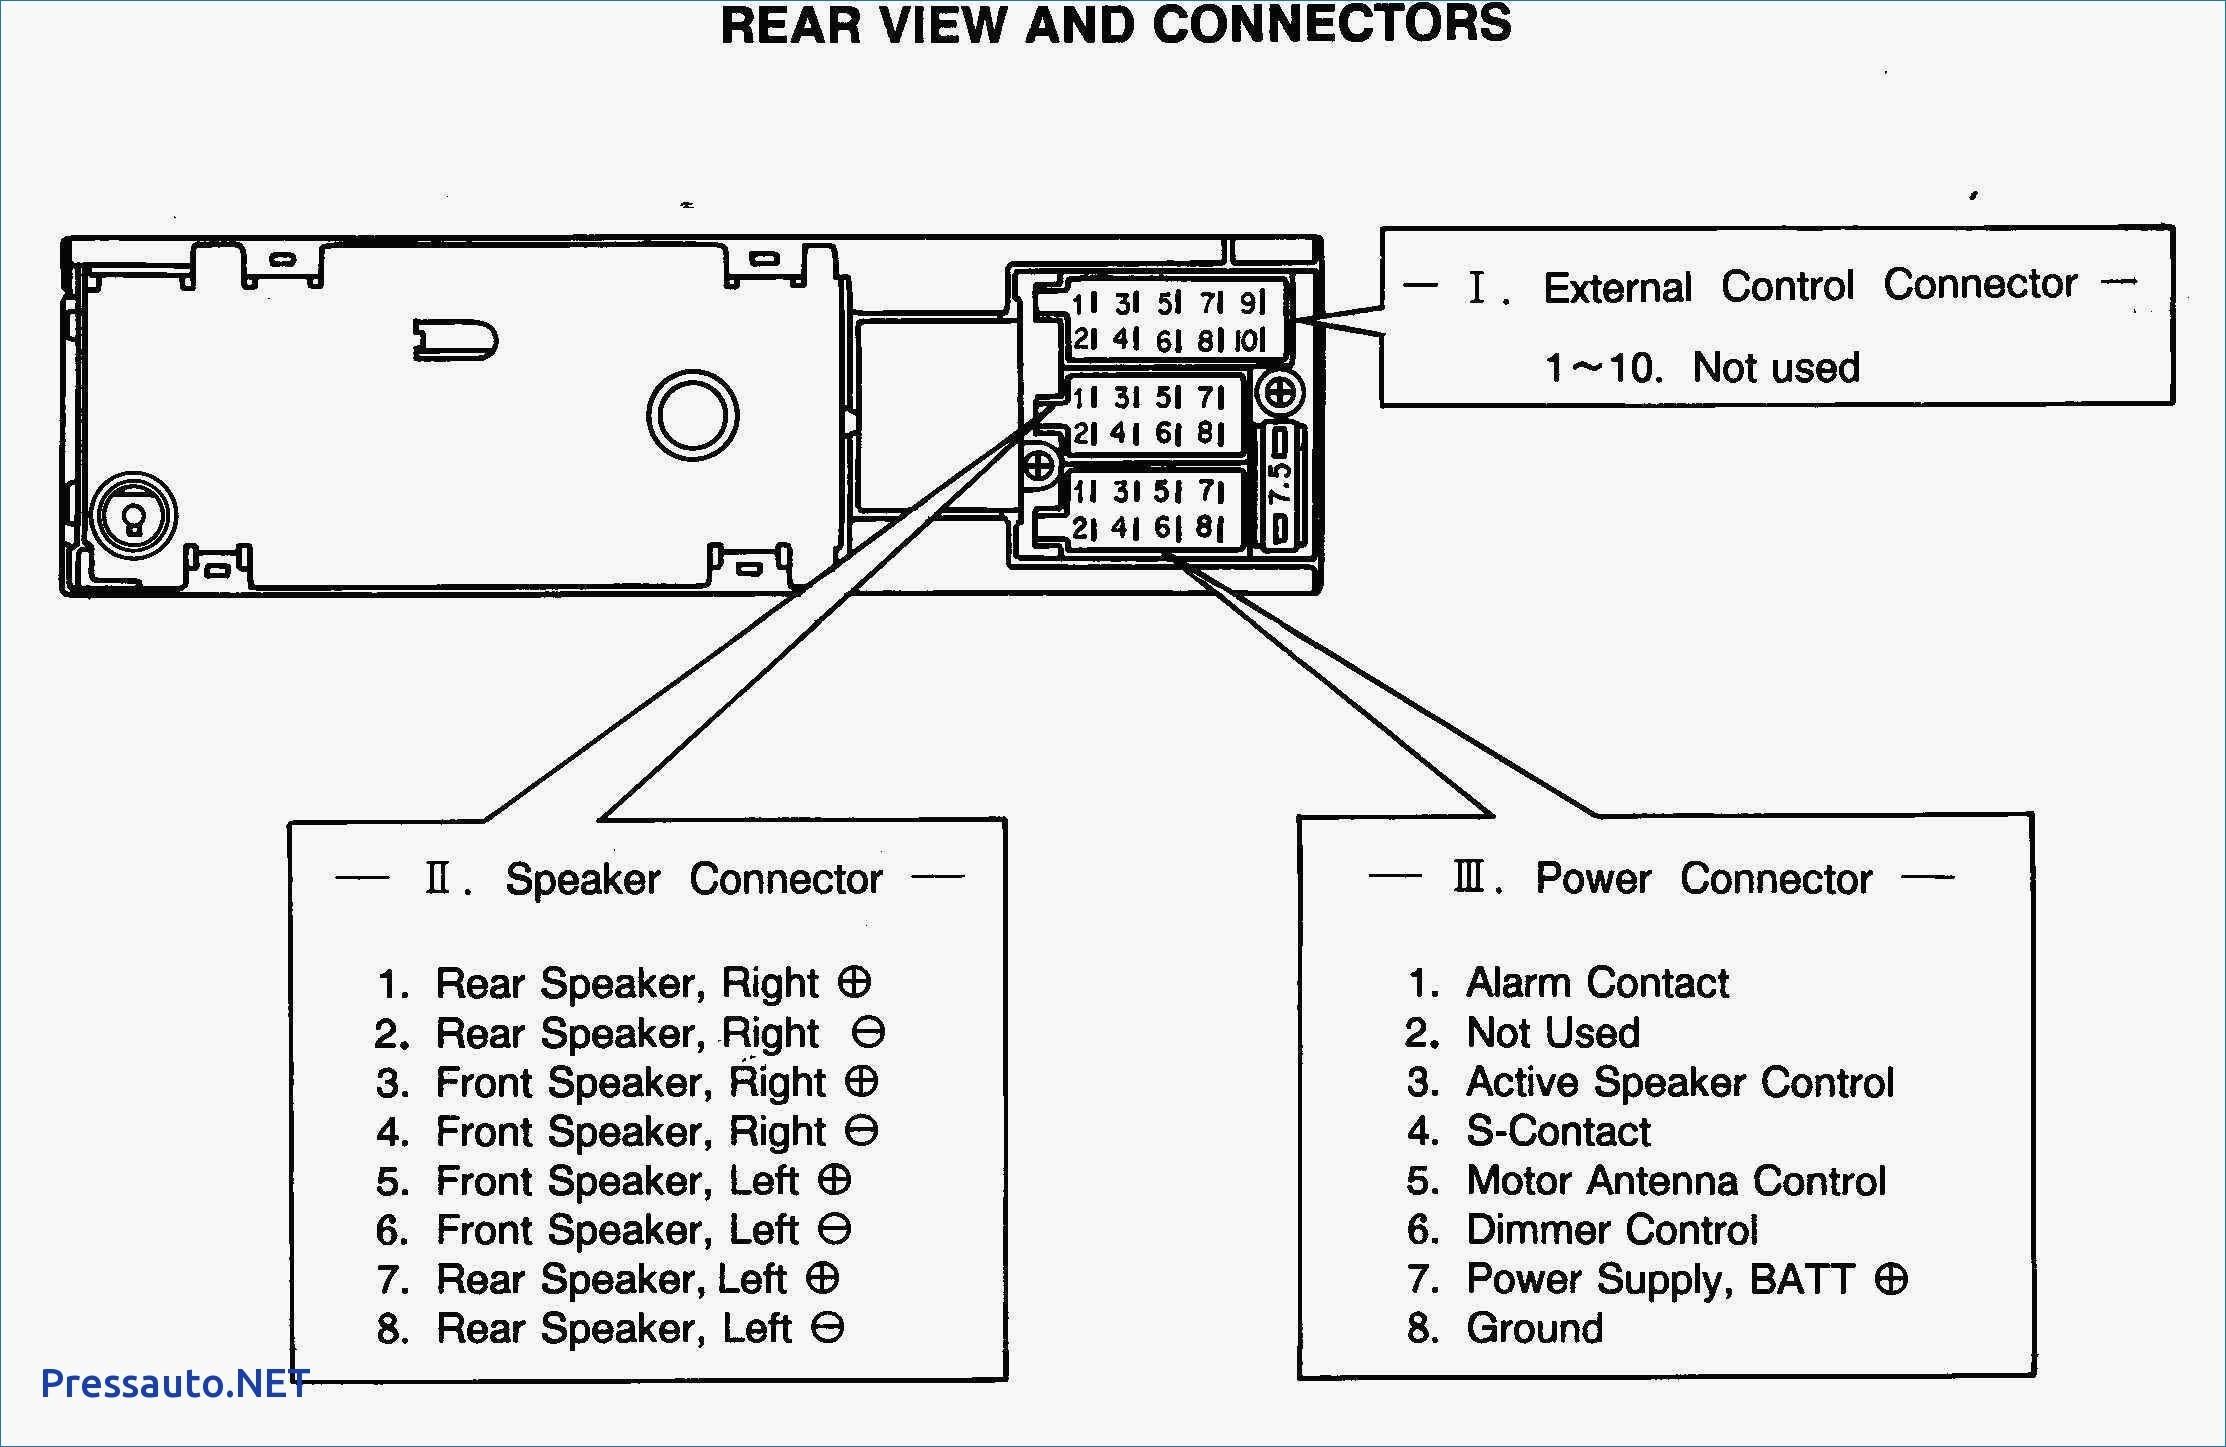 Harley Davidson Radio Wiring Diagram | Free Wiring Diagram on 1986 porsche 944 ignition wiring diagram, harley davidson screwdriver, harley davidson alternator diagram, harley davidson security system diagram, harley davidson stereo system, harley handlebar wiring diagram, harley davidson generator wiring diagram, harley davidson stereo cover, harley davidson radio, harley davidson stereo antenna, harley davidson stereo repair, harley speedometer wiring diagram, harley davidson trailer wiring diagram, harley-davidson electrical diagram, harley tach wiring, harley-davidson parts diagram, harley davidson transmission diagram, harley davidson battery diagram, harley davidson starter diagram, harley wiring schematics,